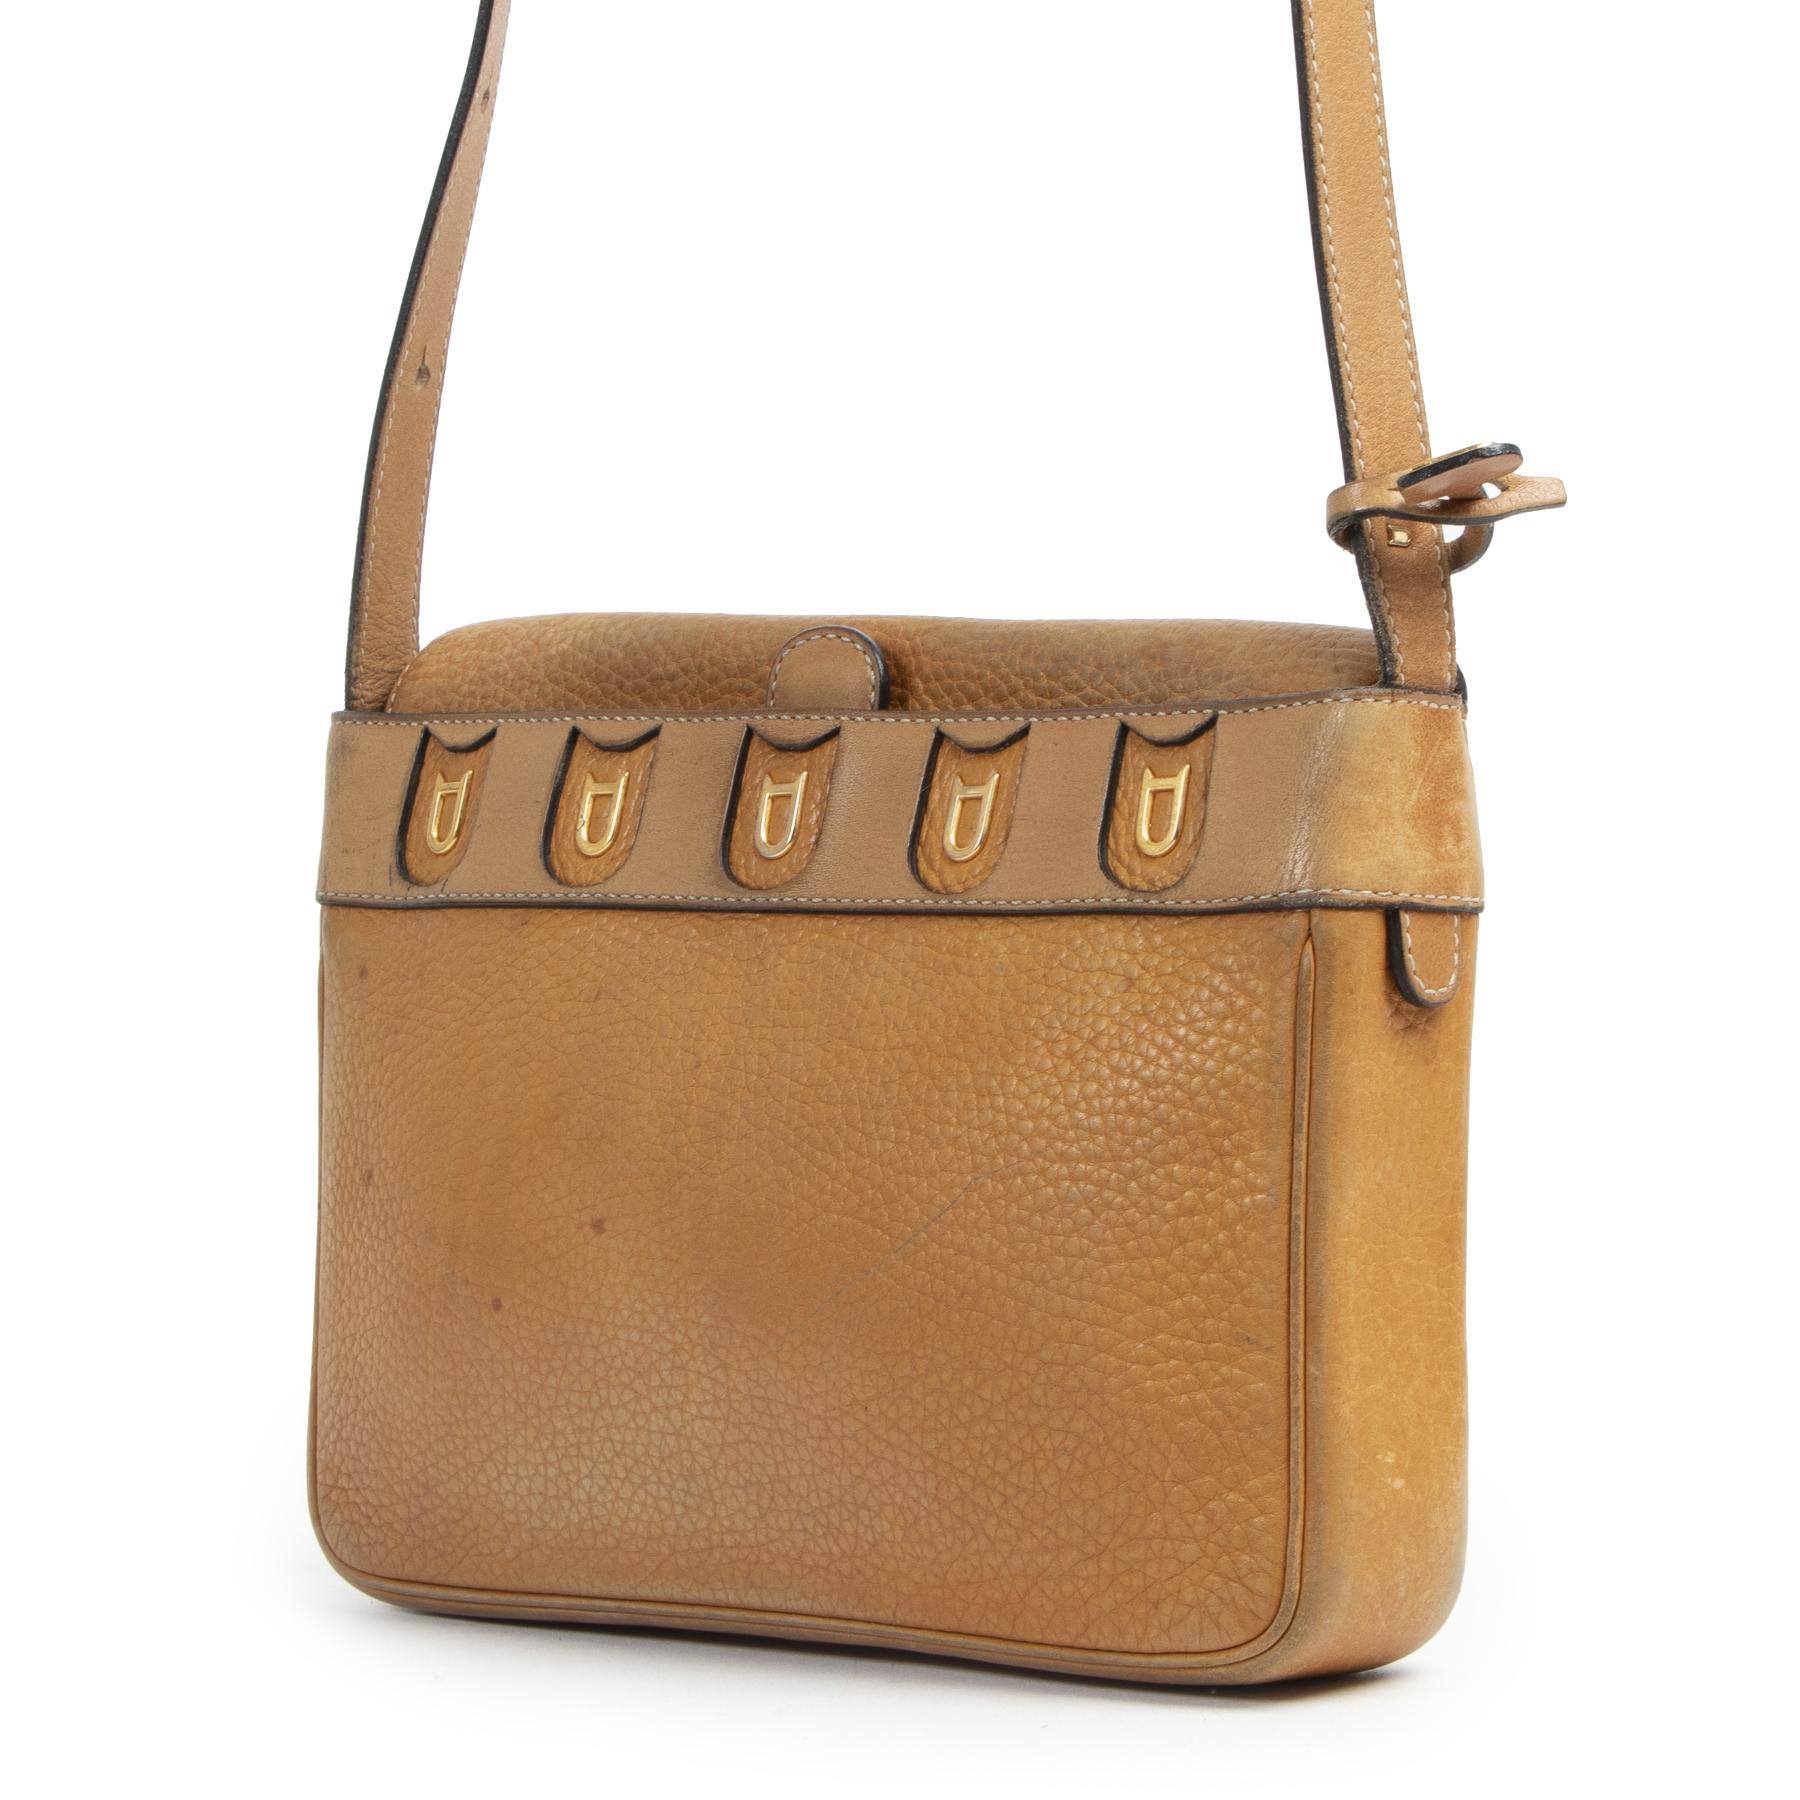 Authentieke Tweedehands Delvaux Cognac Leather Crossbody Bag juiste prijs veilig online shoppen luxe merken webshop winkelen Antwerpen België mode fashion